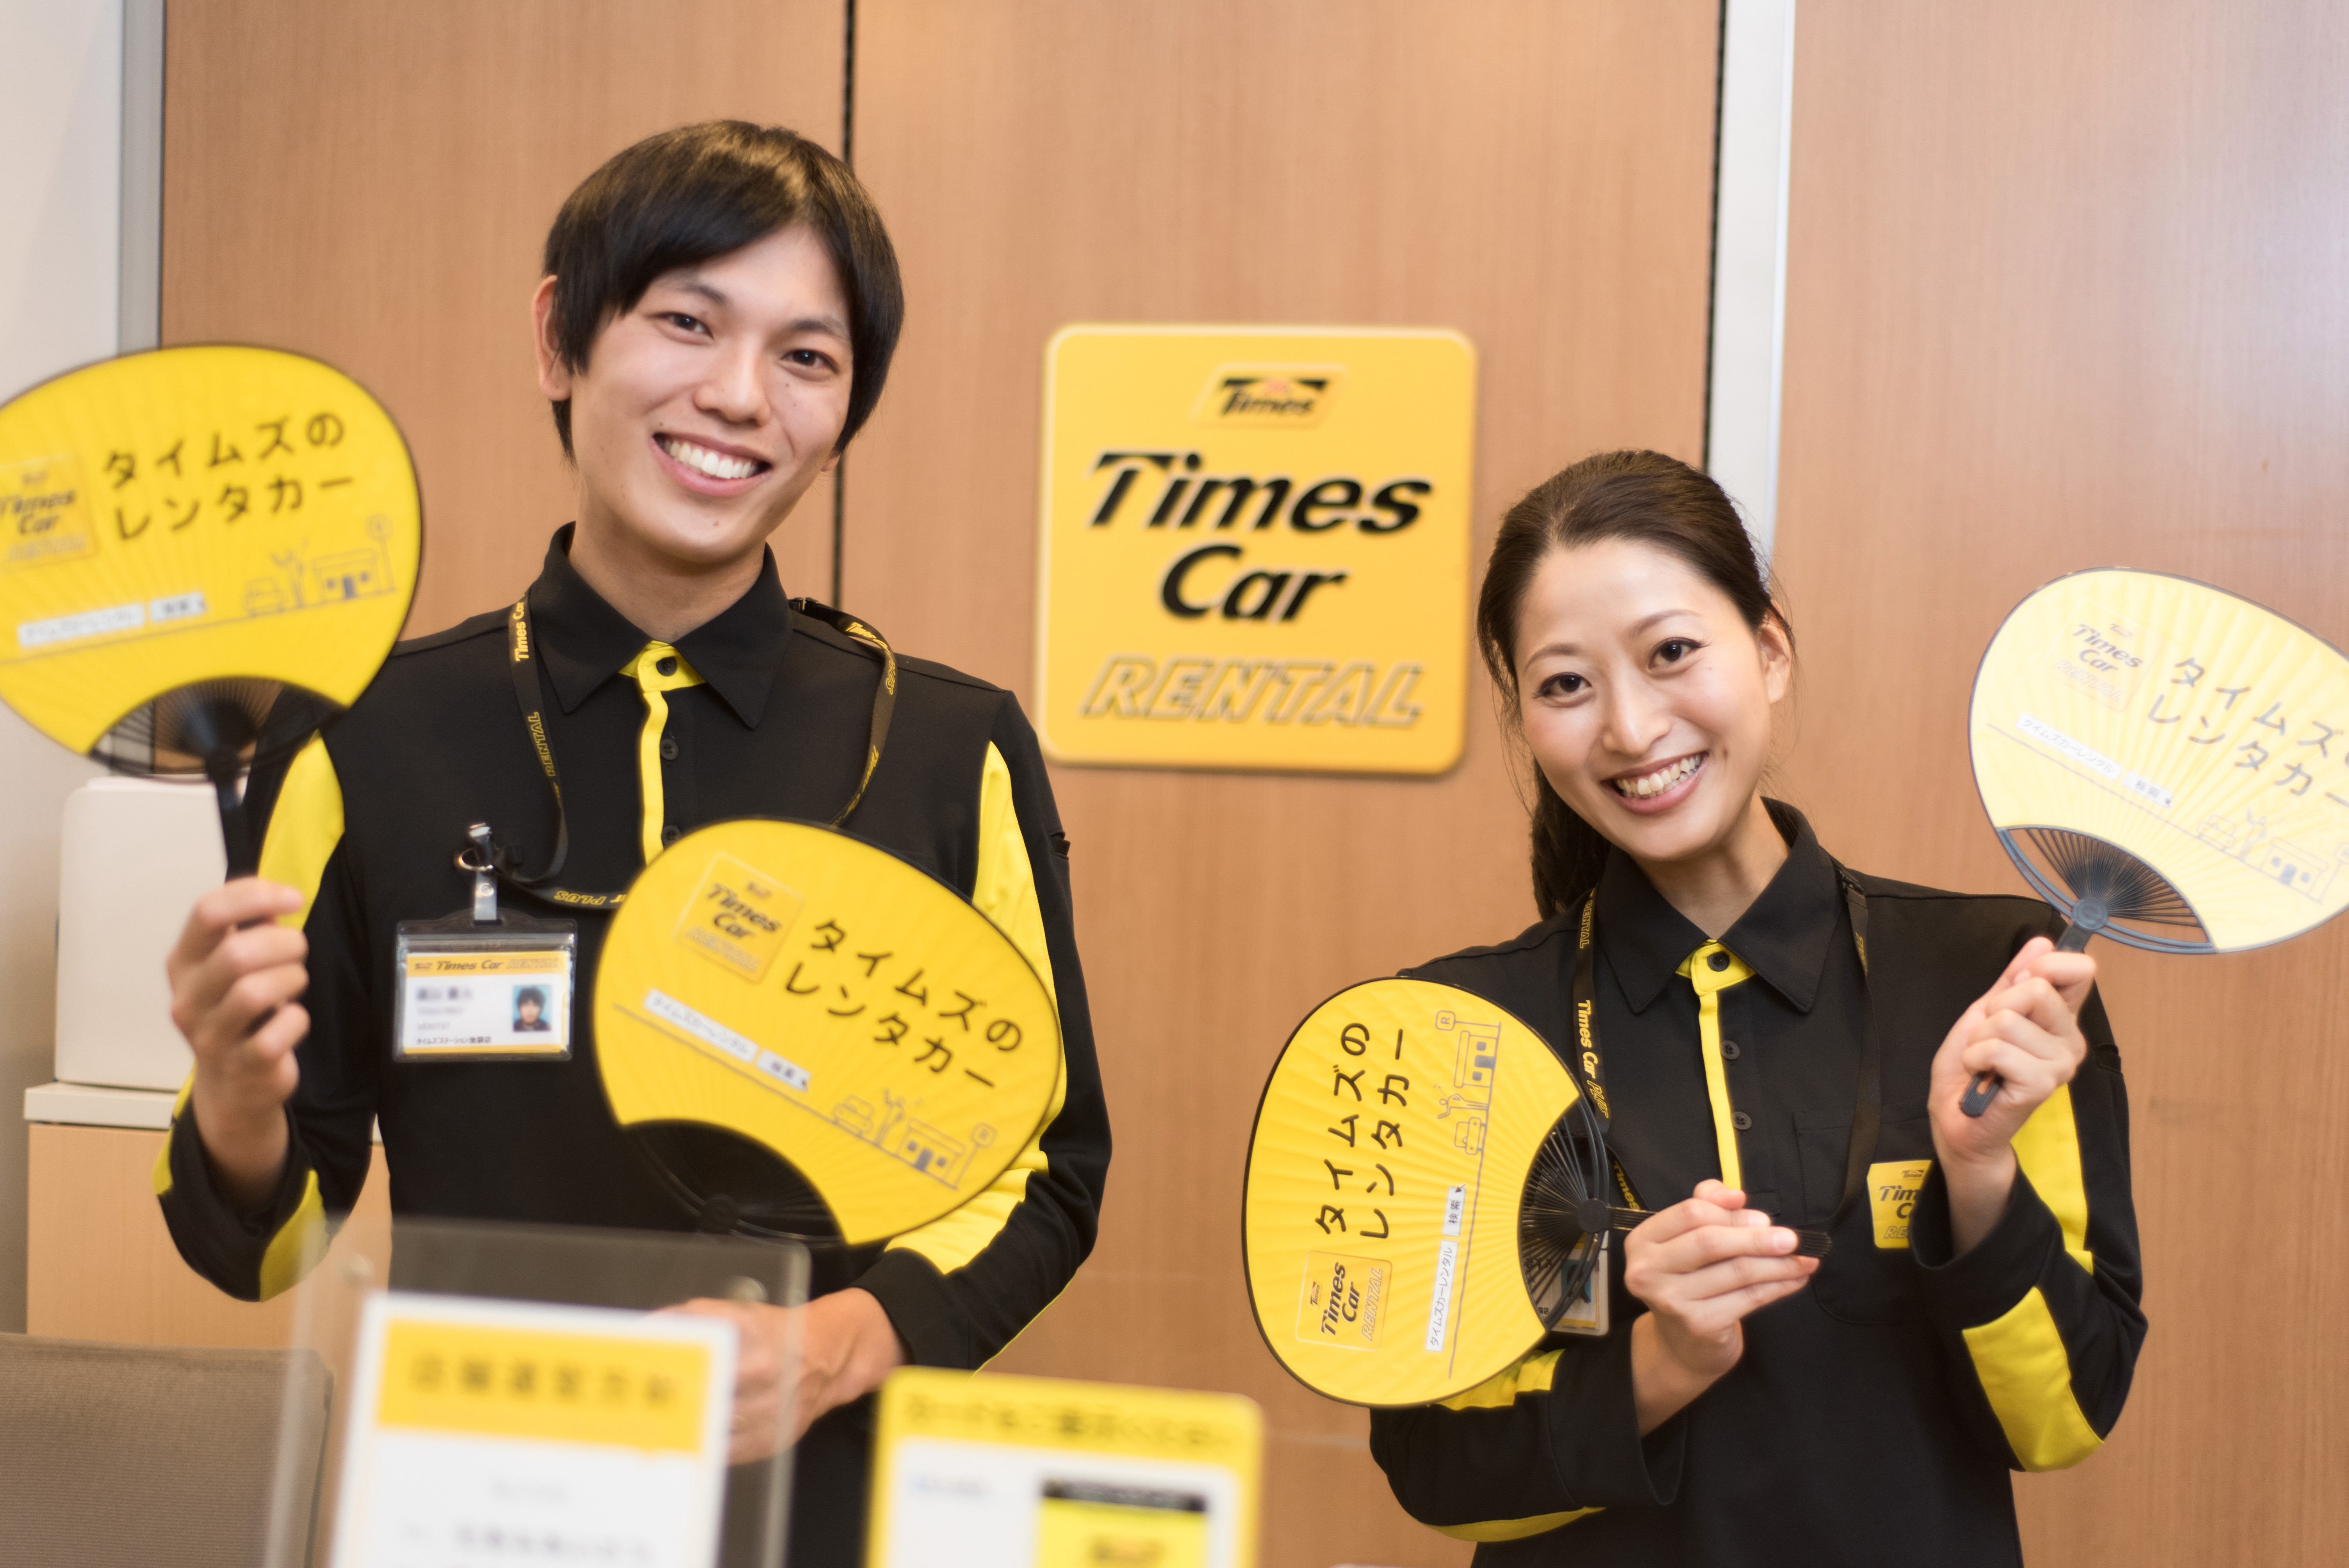 タイムズカーレンタル 博多祇園駅店 回送・送迎ドライバーのアルバイト情報